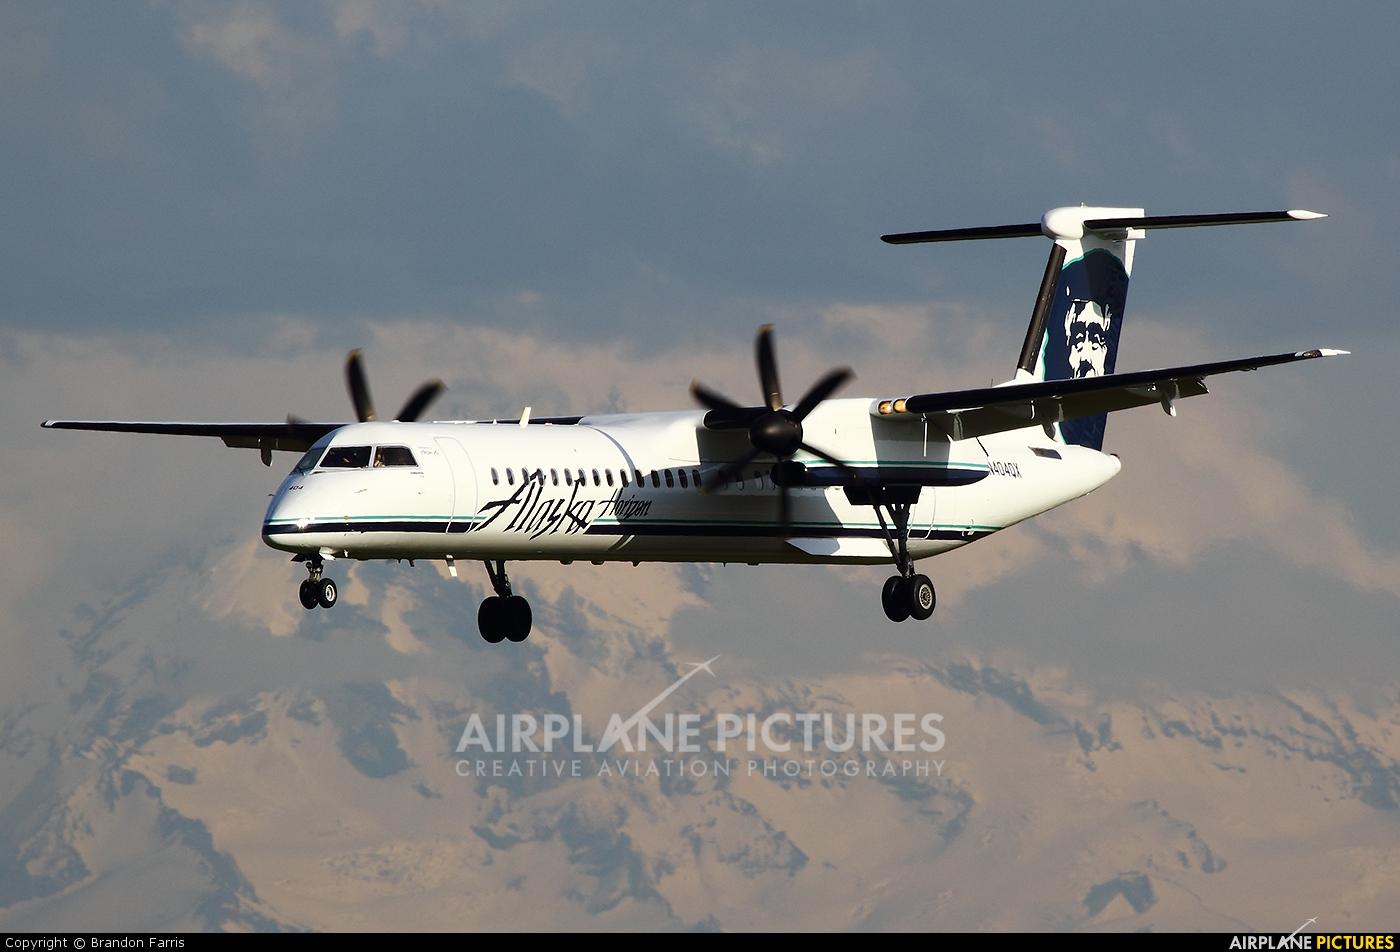 Alaska Airlines - Horizon Air N404QX aircraft at Seattle-Tacoma Intl